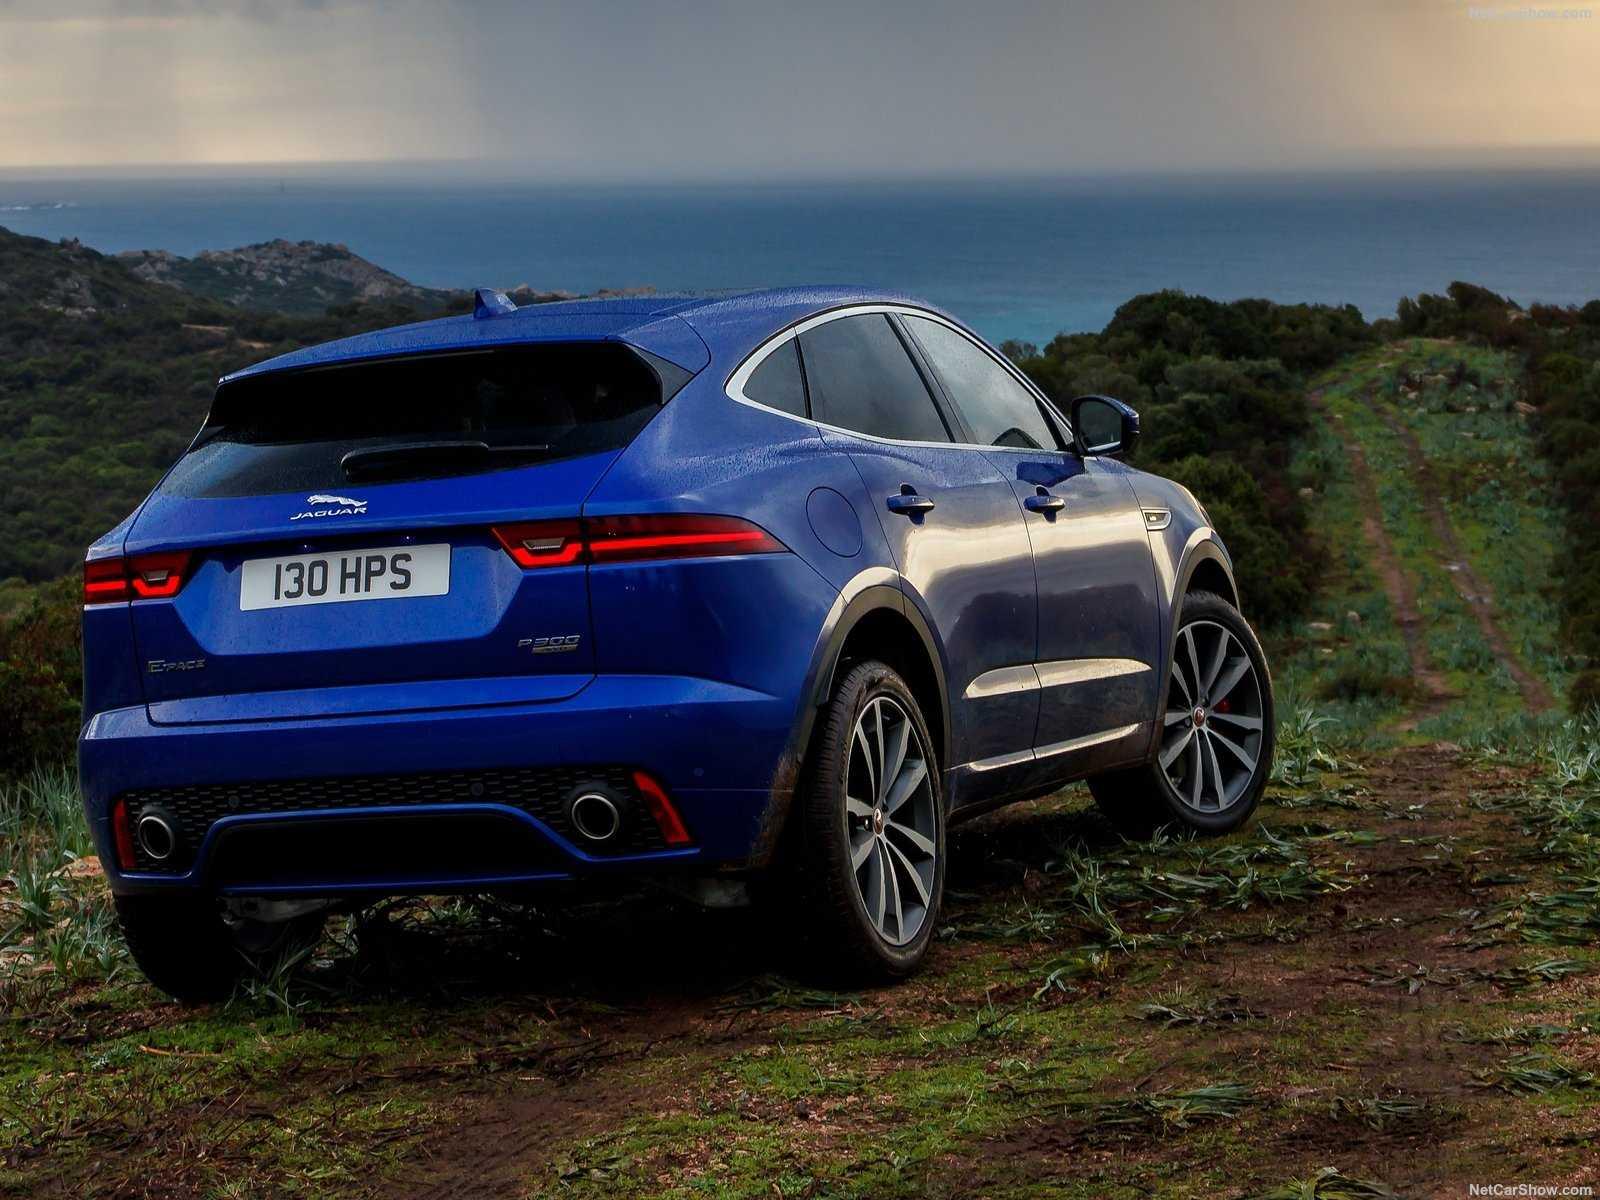 Jaguar i-pace 2019: характеристики, цена, фото и видео-обзор